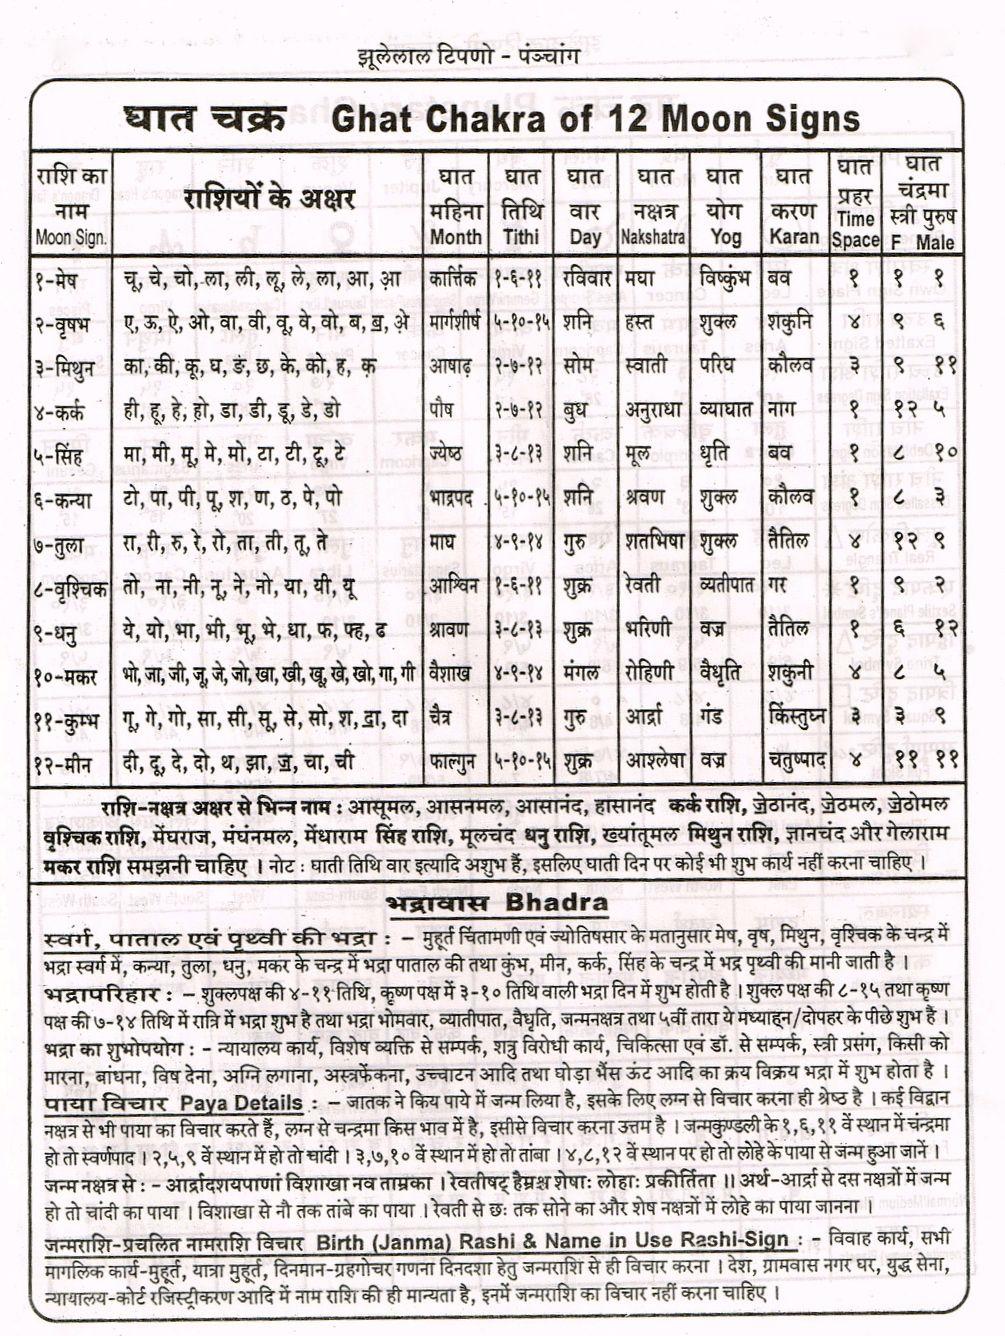 Ghat Chakra (Hindi) | Hindi | Vedic astrology, Astrology in hindi